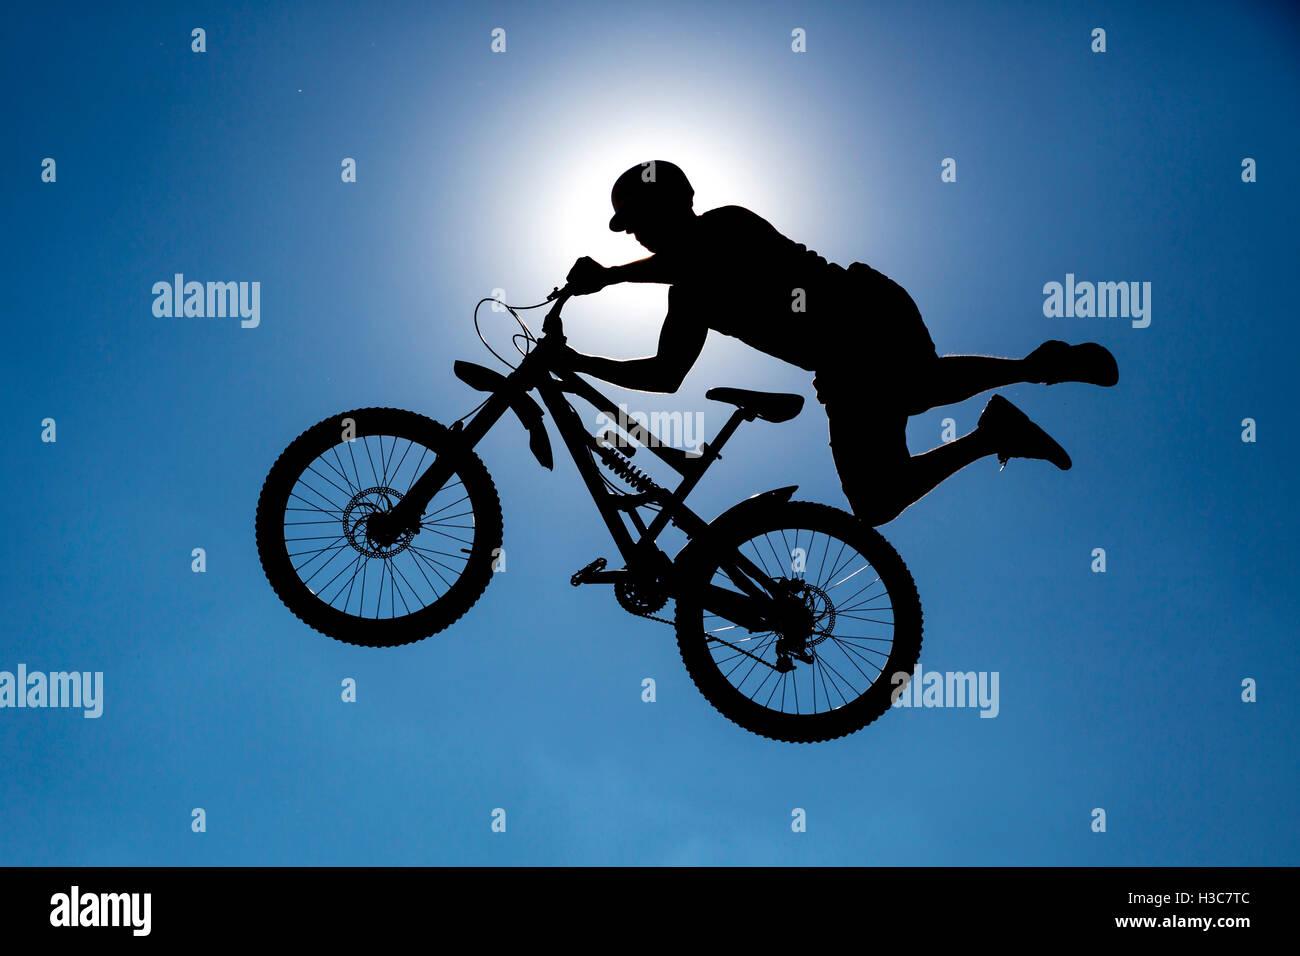 Un extreme rider è rendere uno stile libero saltare da una rampa. Il giovane ragazzo con la bicicletta è Immagini Stock